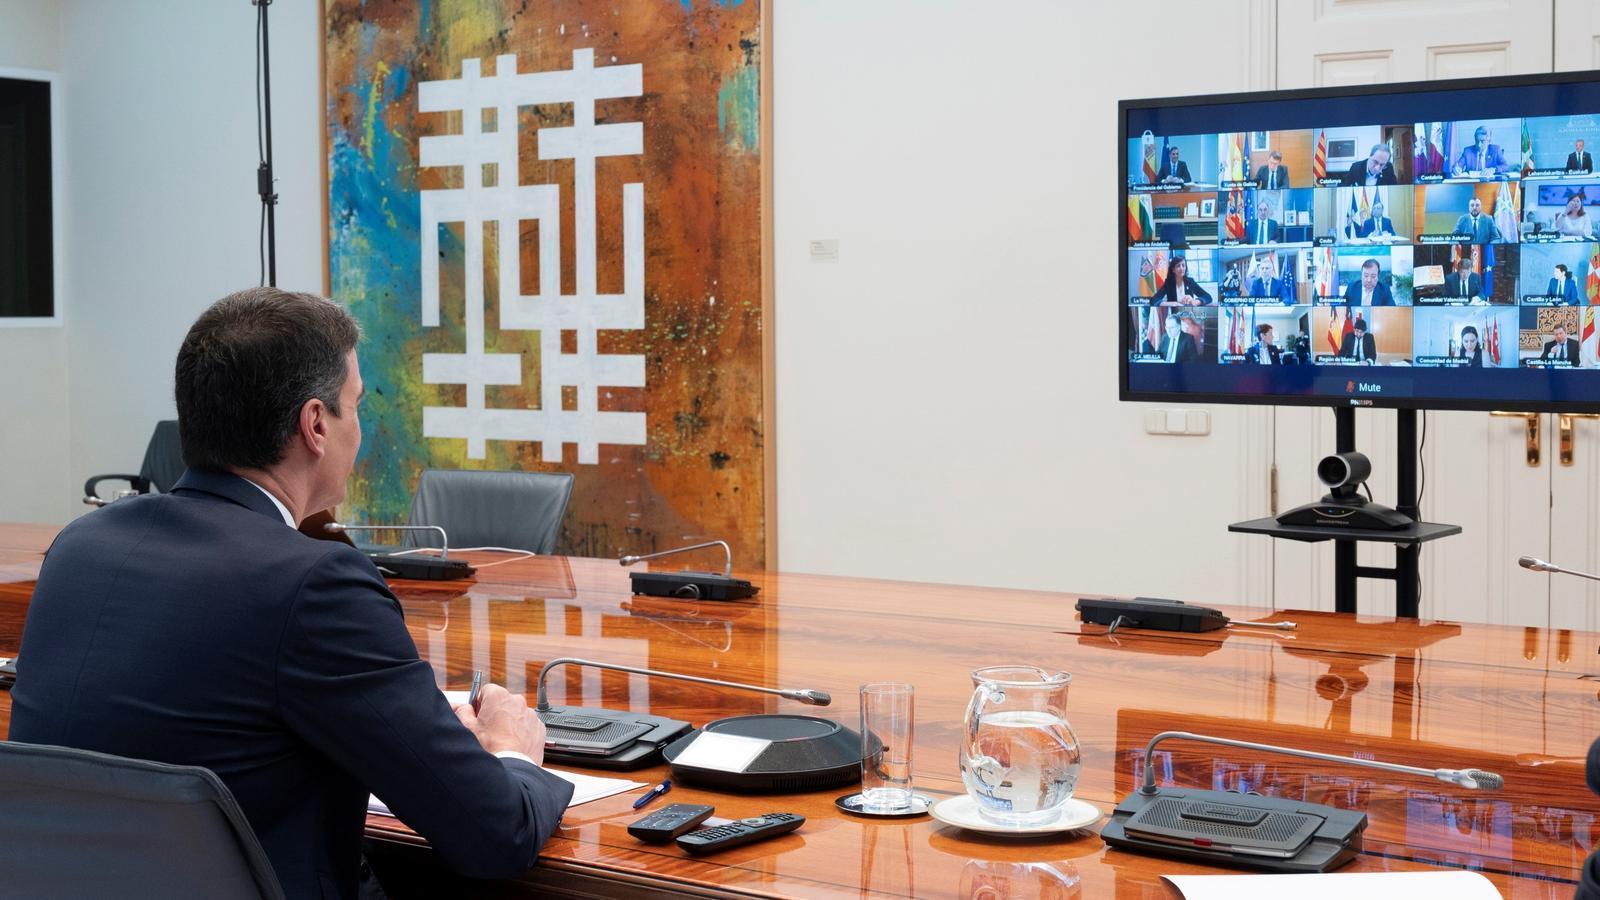 Reunió telemàtica del president del govern espanyol, Pedro Sánchez, amb els presidents autonòmics. És la quarta trobada des de la declaració de l'estat d'alarma.